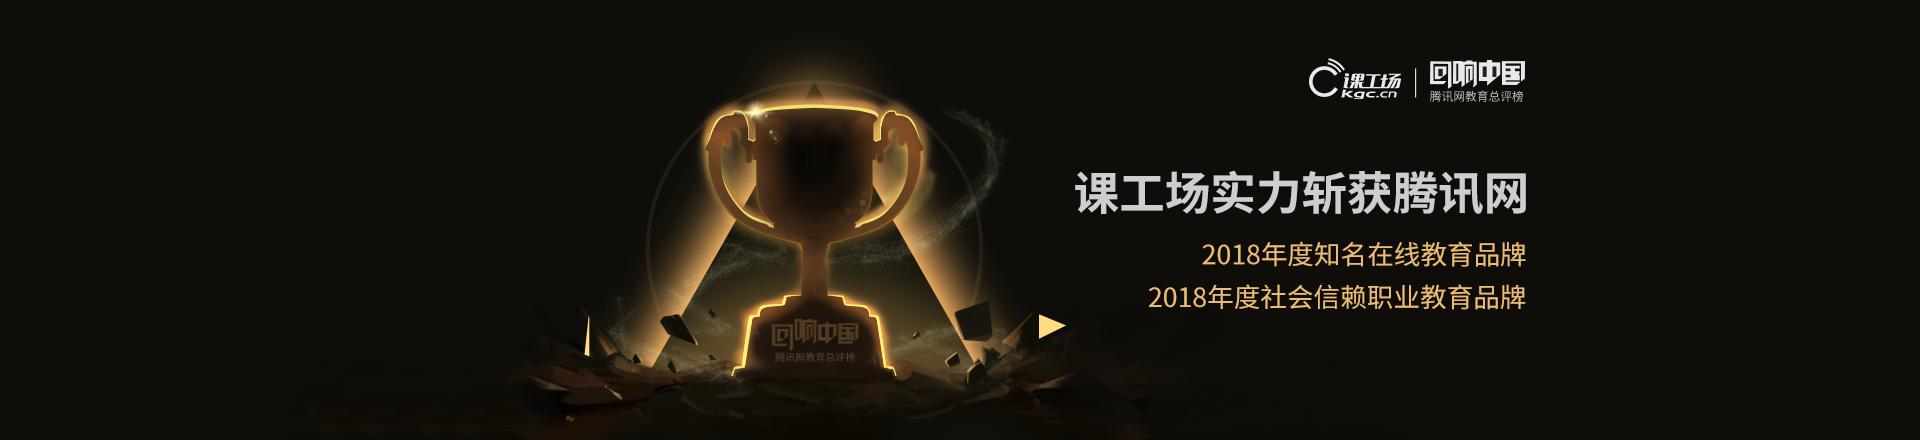 2018腾讯获奖